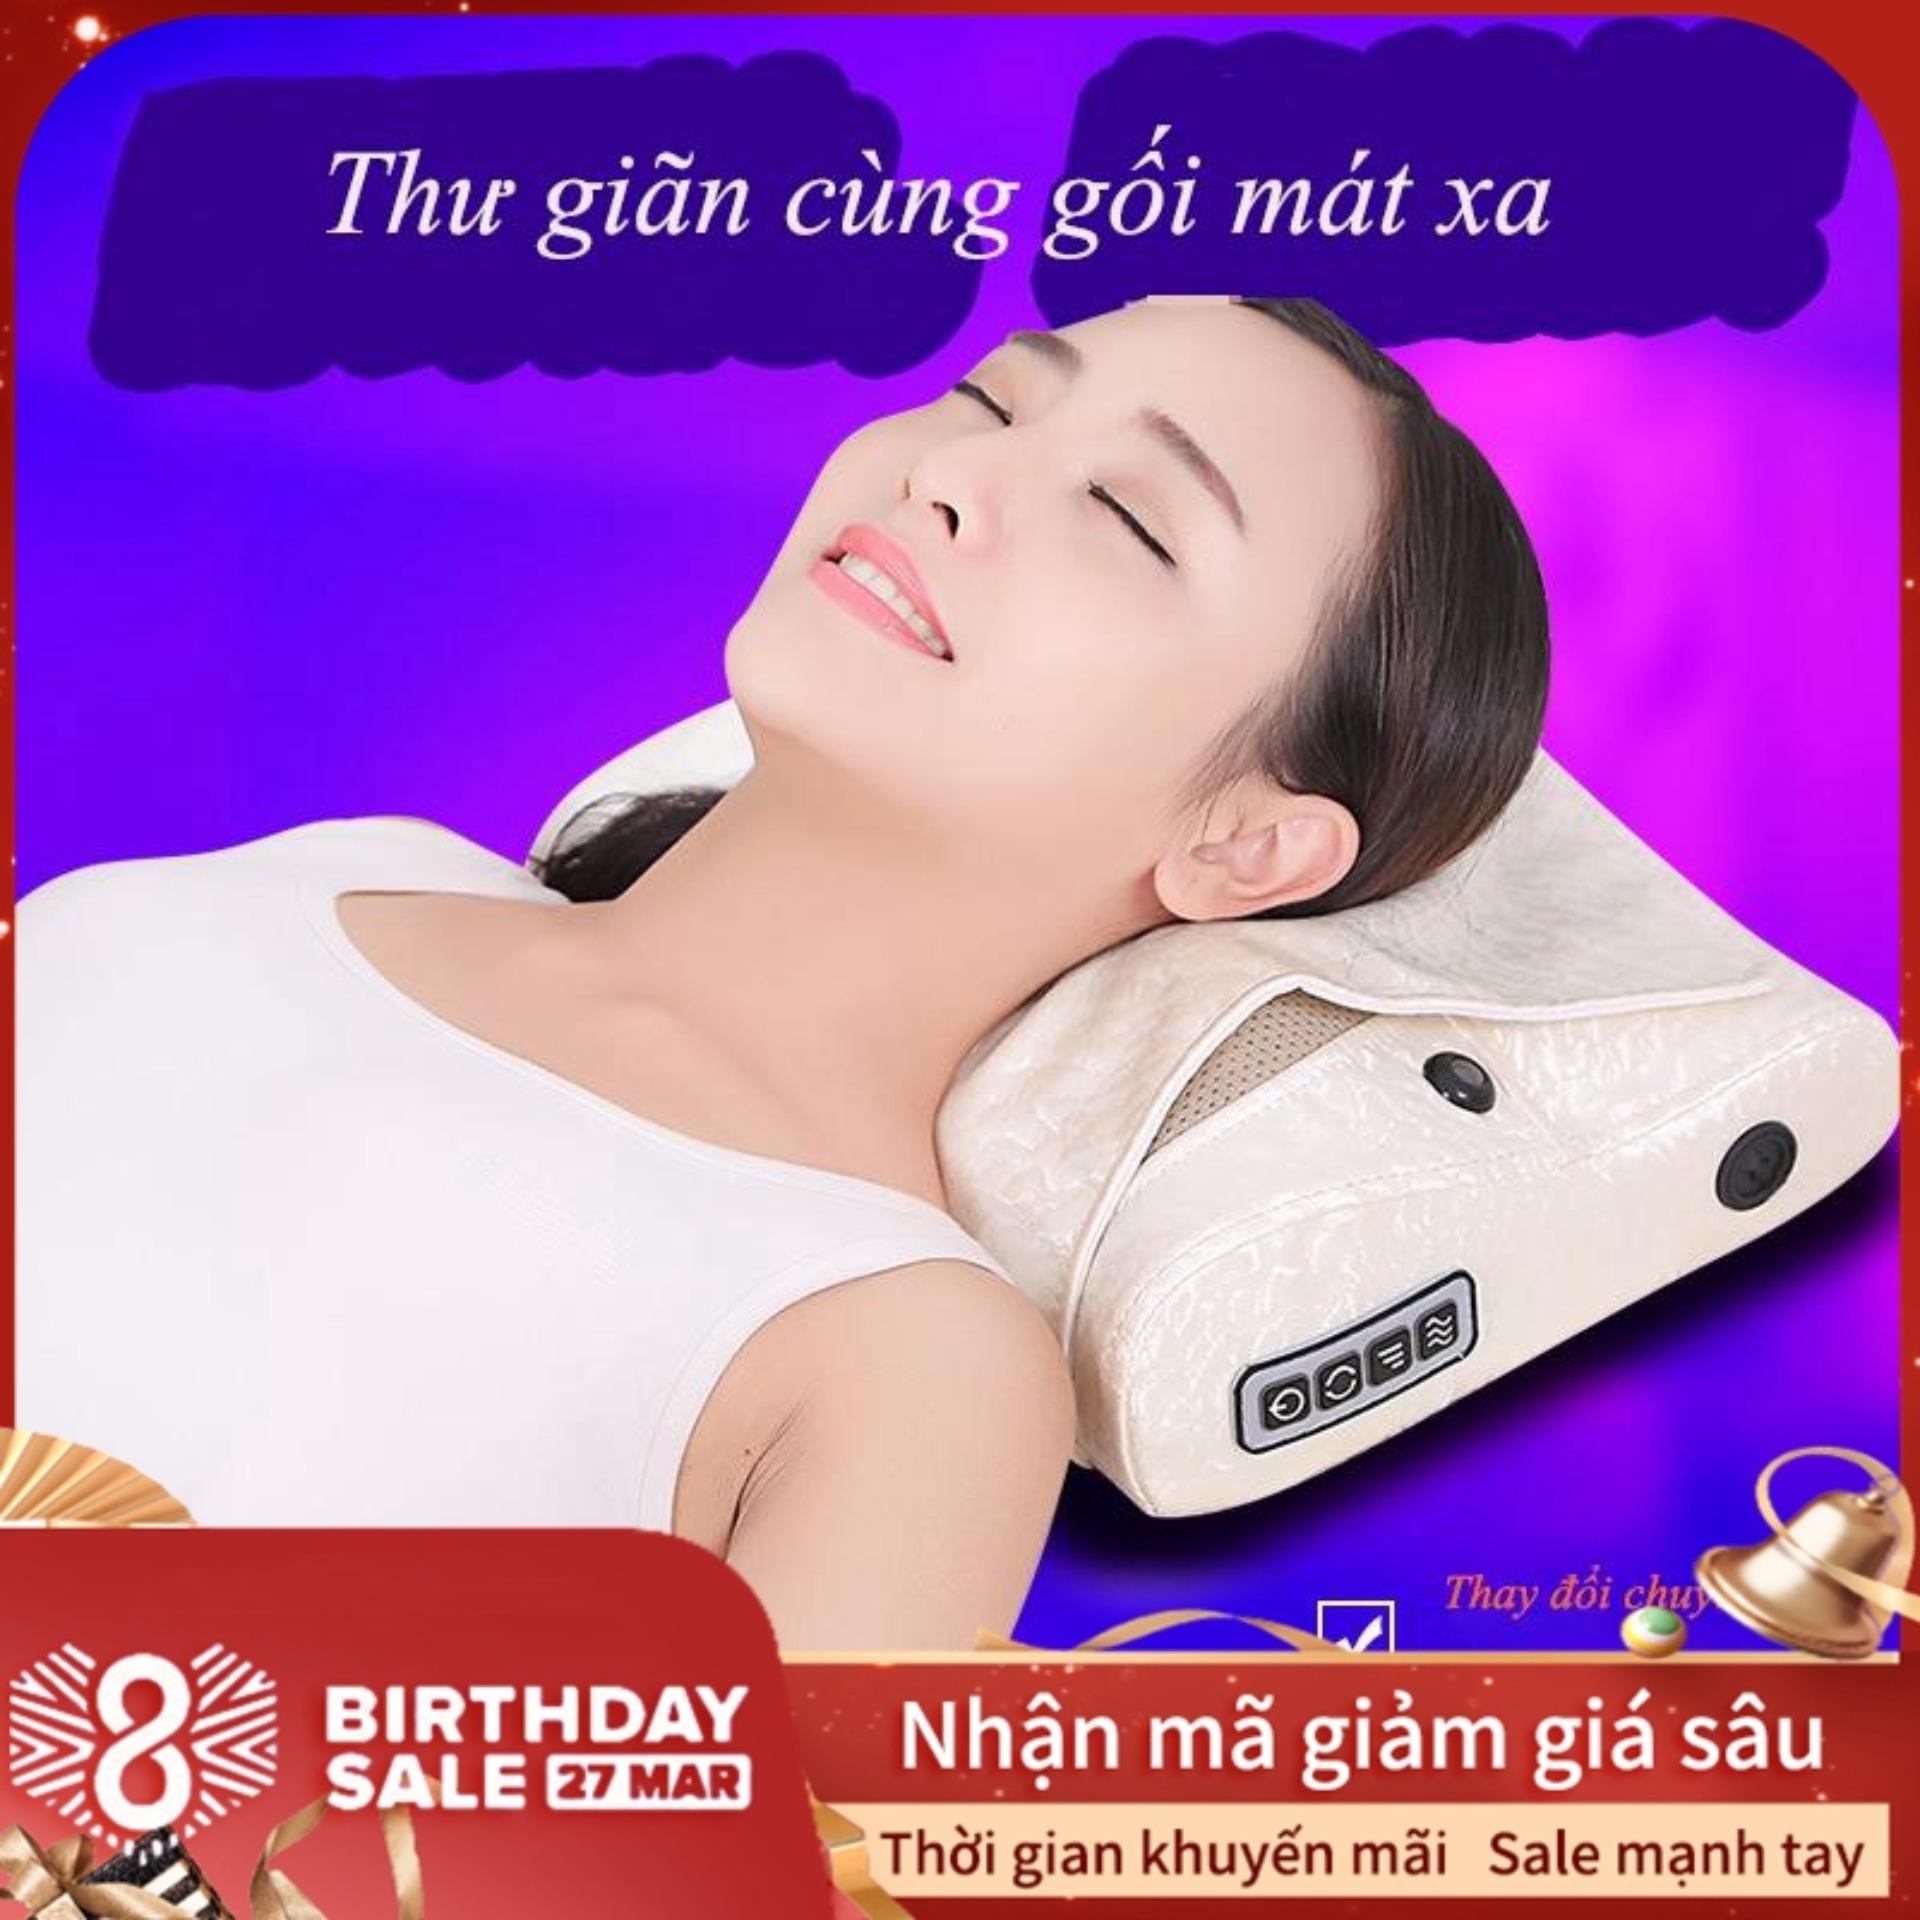 Gối massage vai gáy, gối massage gia dụng đa chức năng, massage vai gáy toàn thân nhập khẩu